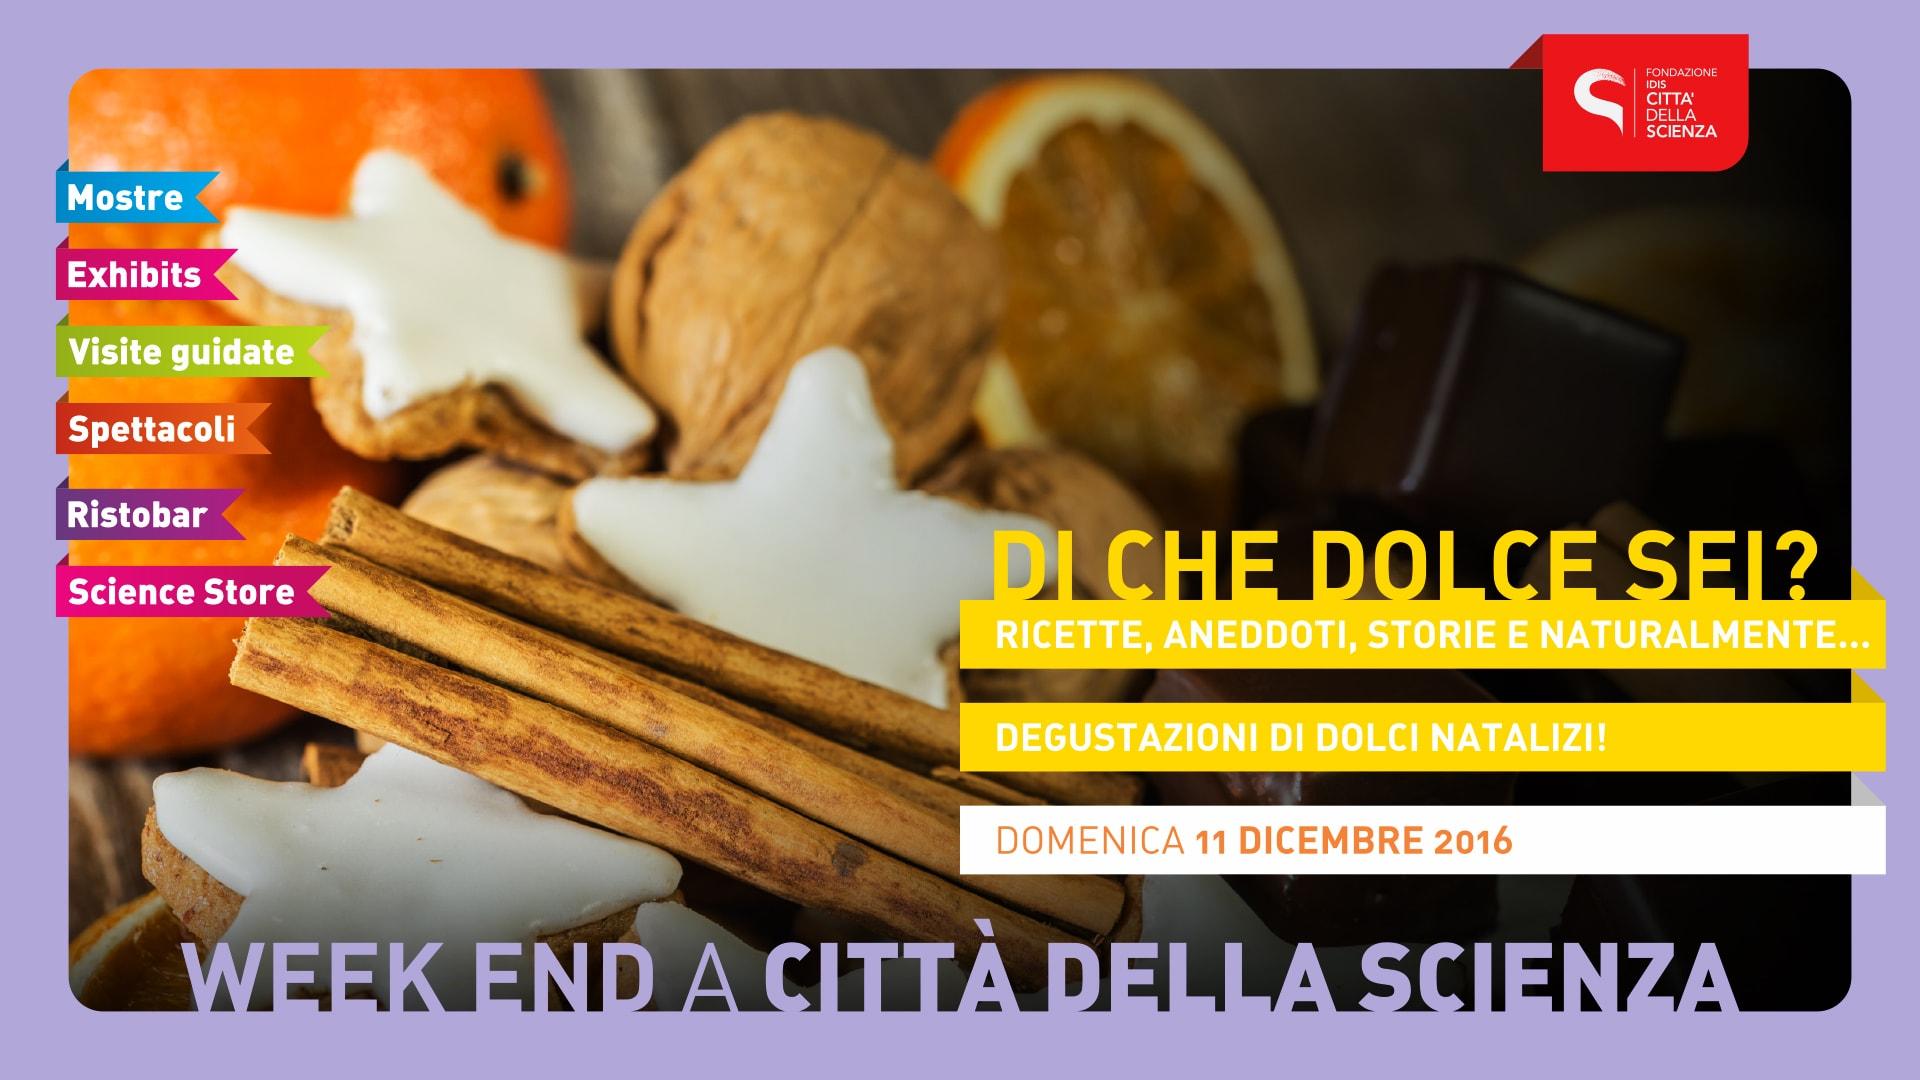 DI_CHE_DOLCE_SEI